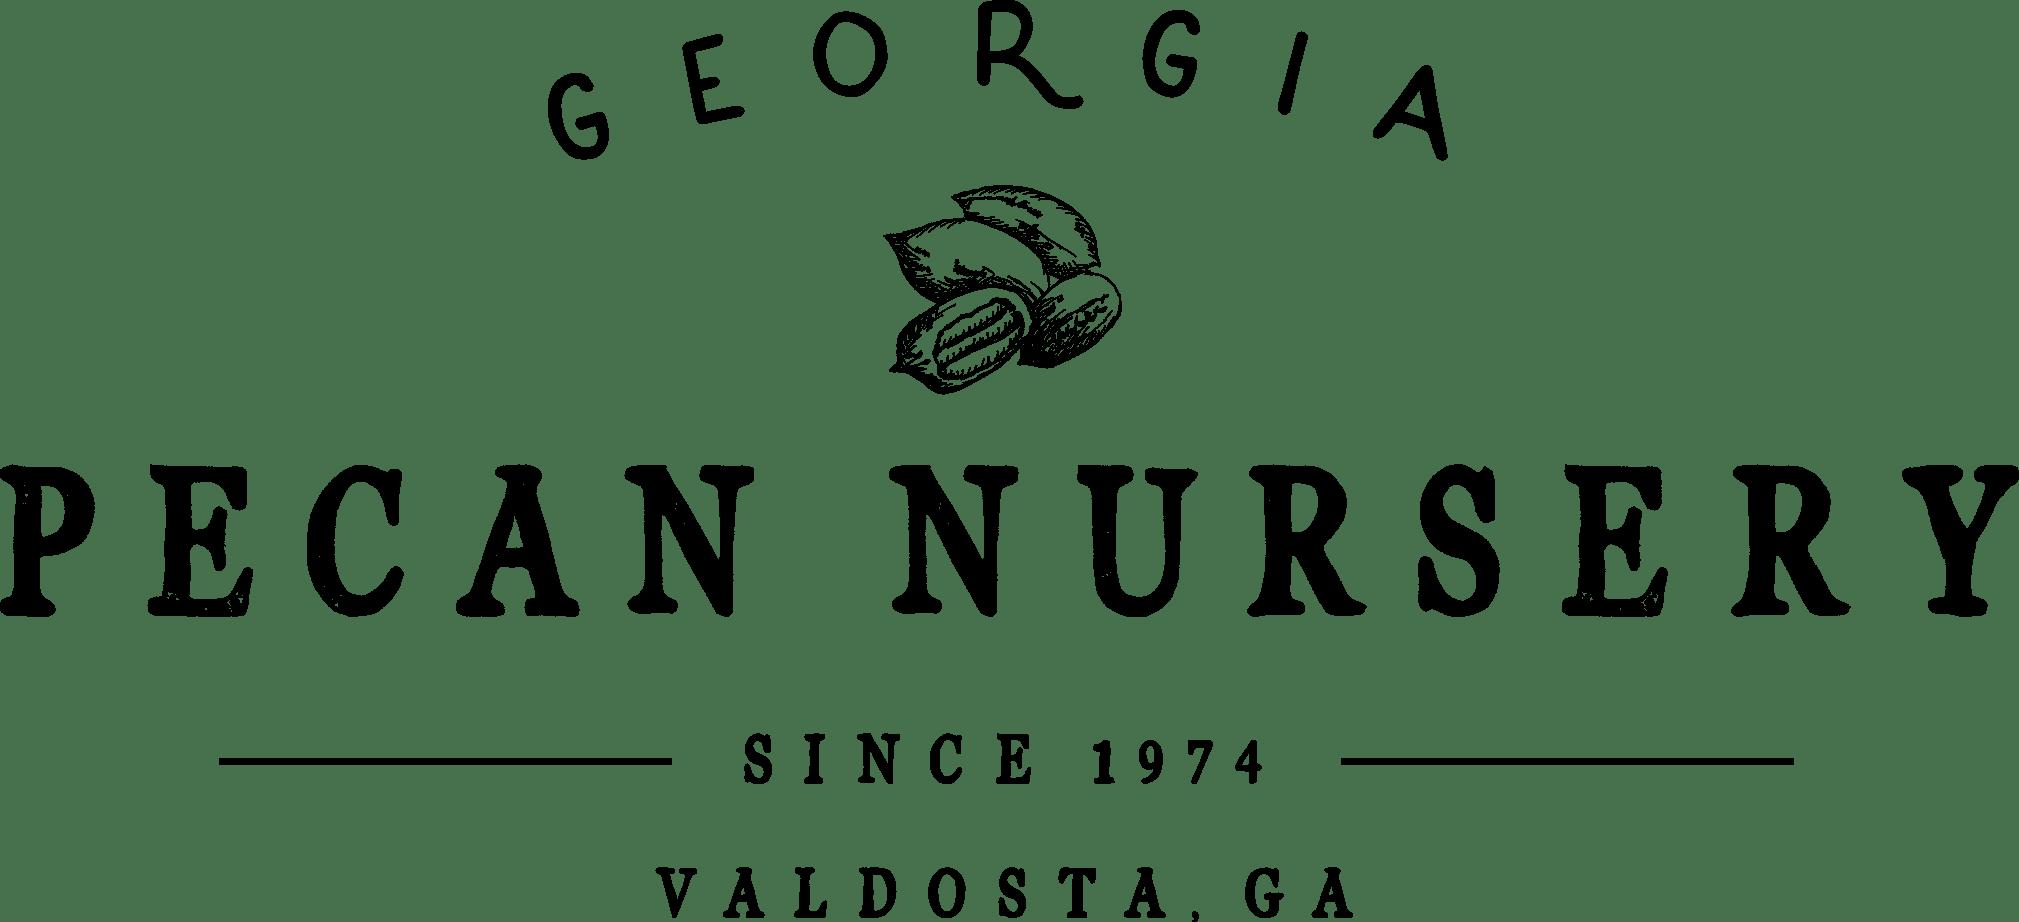 Georgia Pecan Nursery